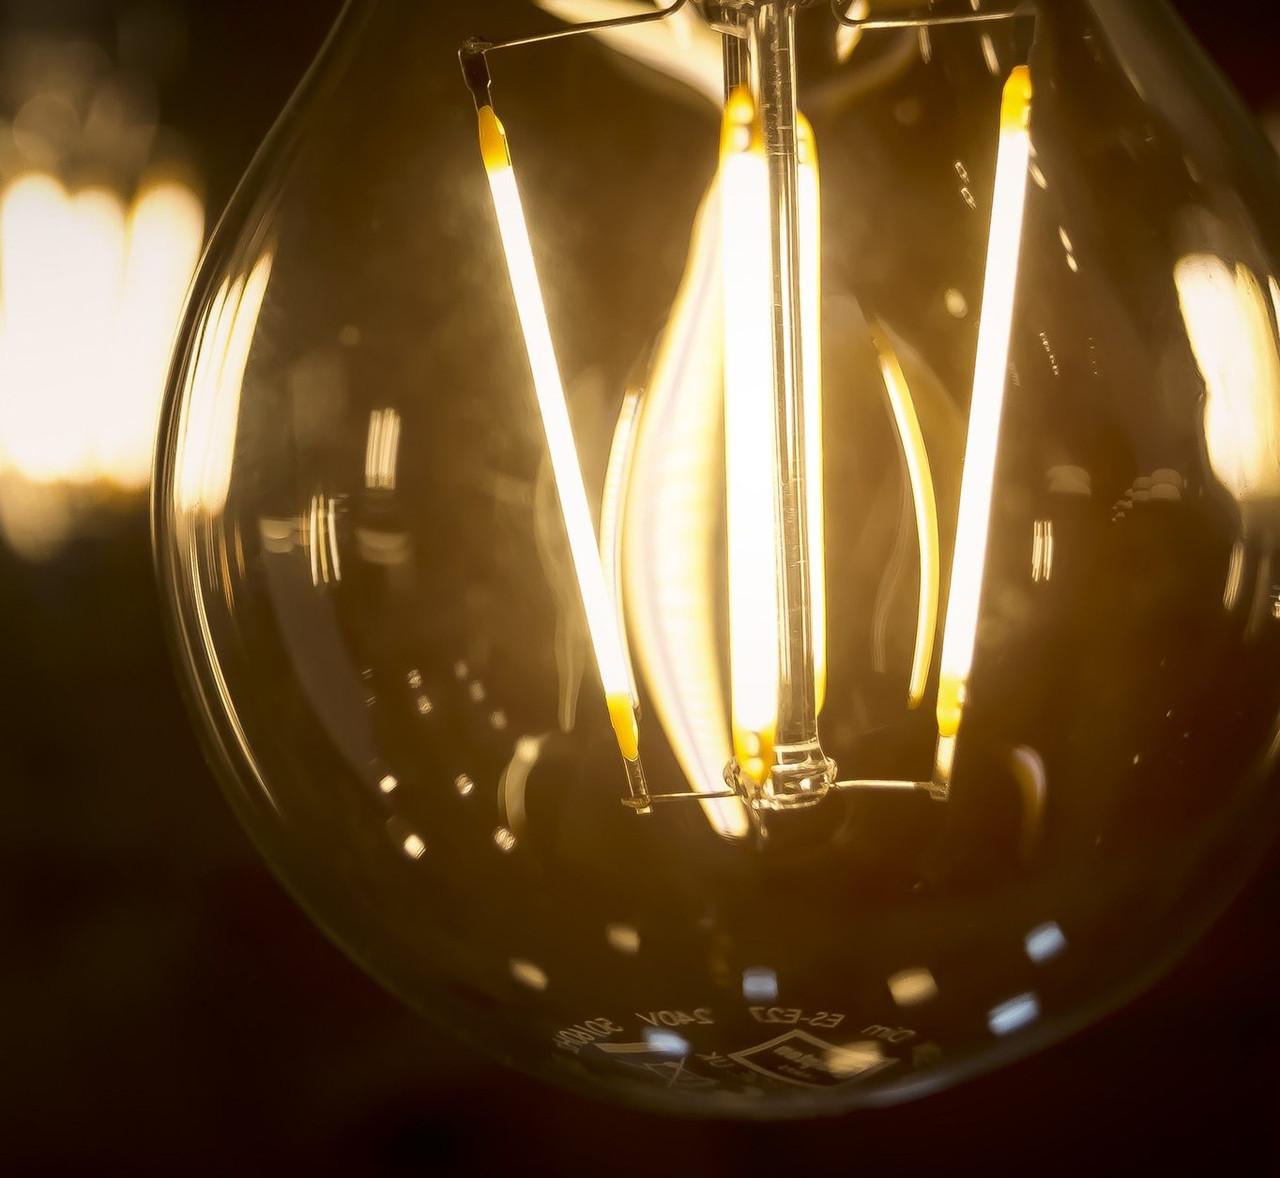 LED GLS 2700K Light Bulbs